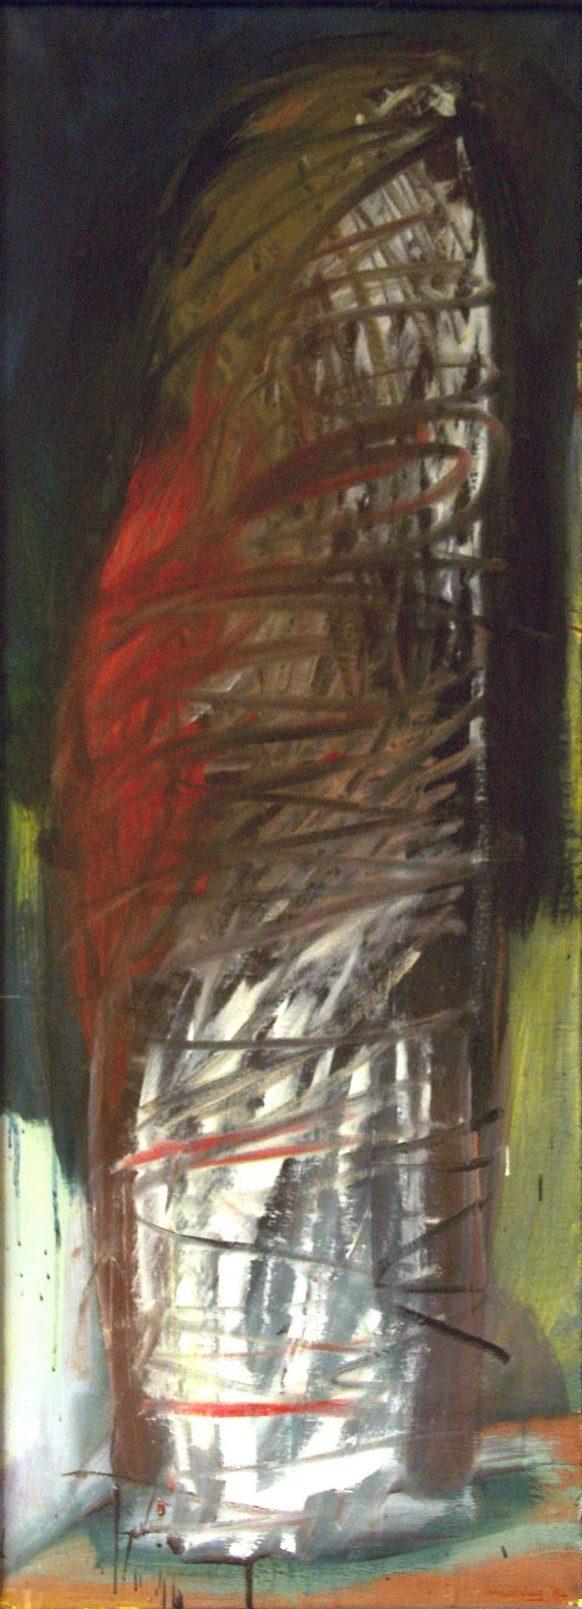 Zijn (Bewegingserie). 1984. Olieverf op doek. 52 x 121 cm.